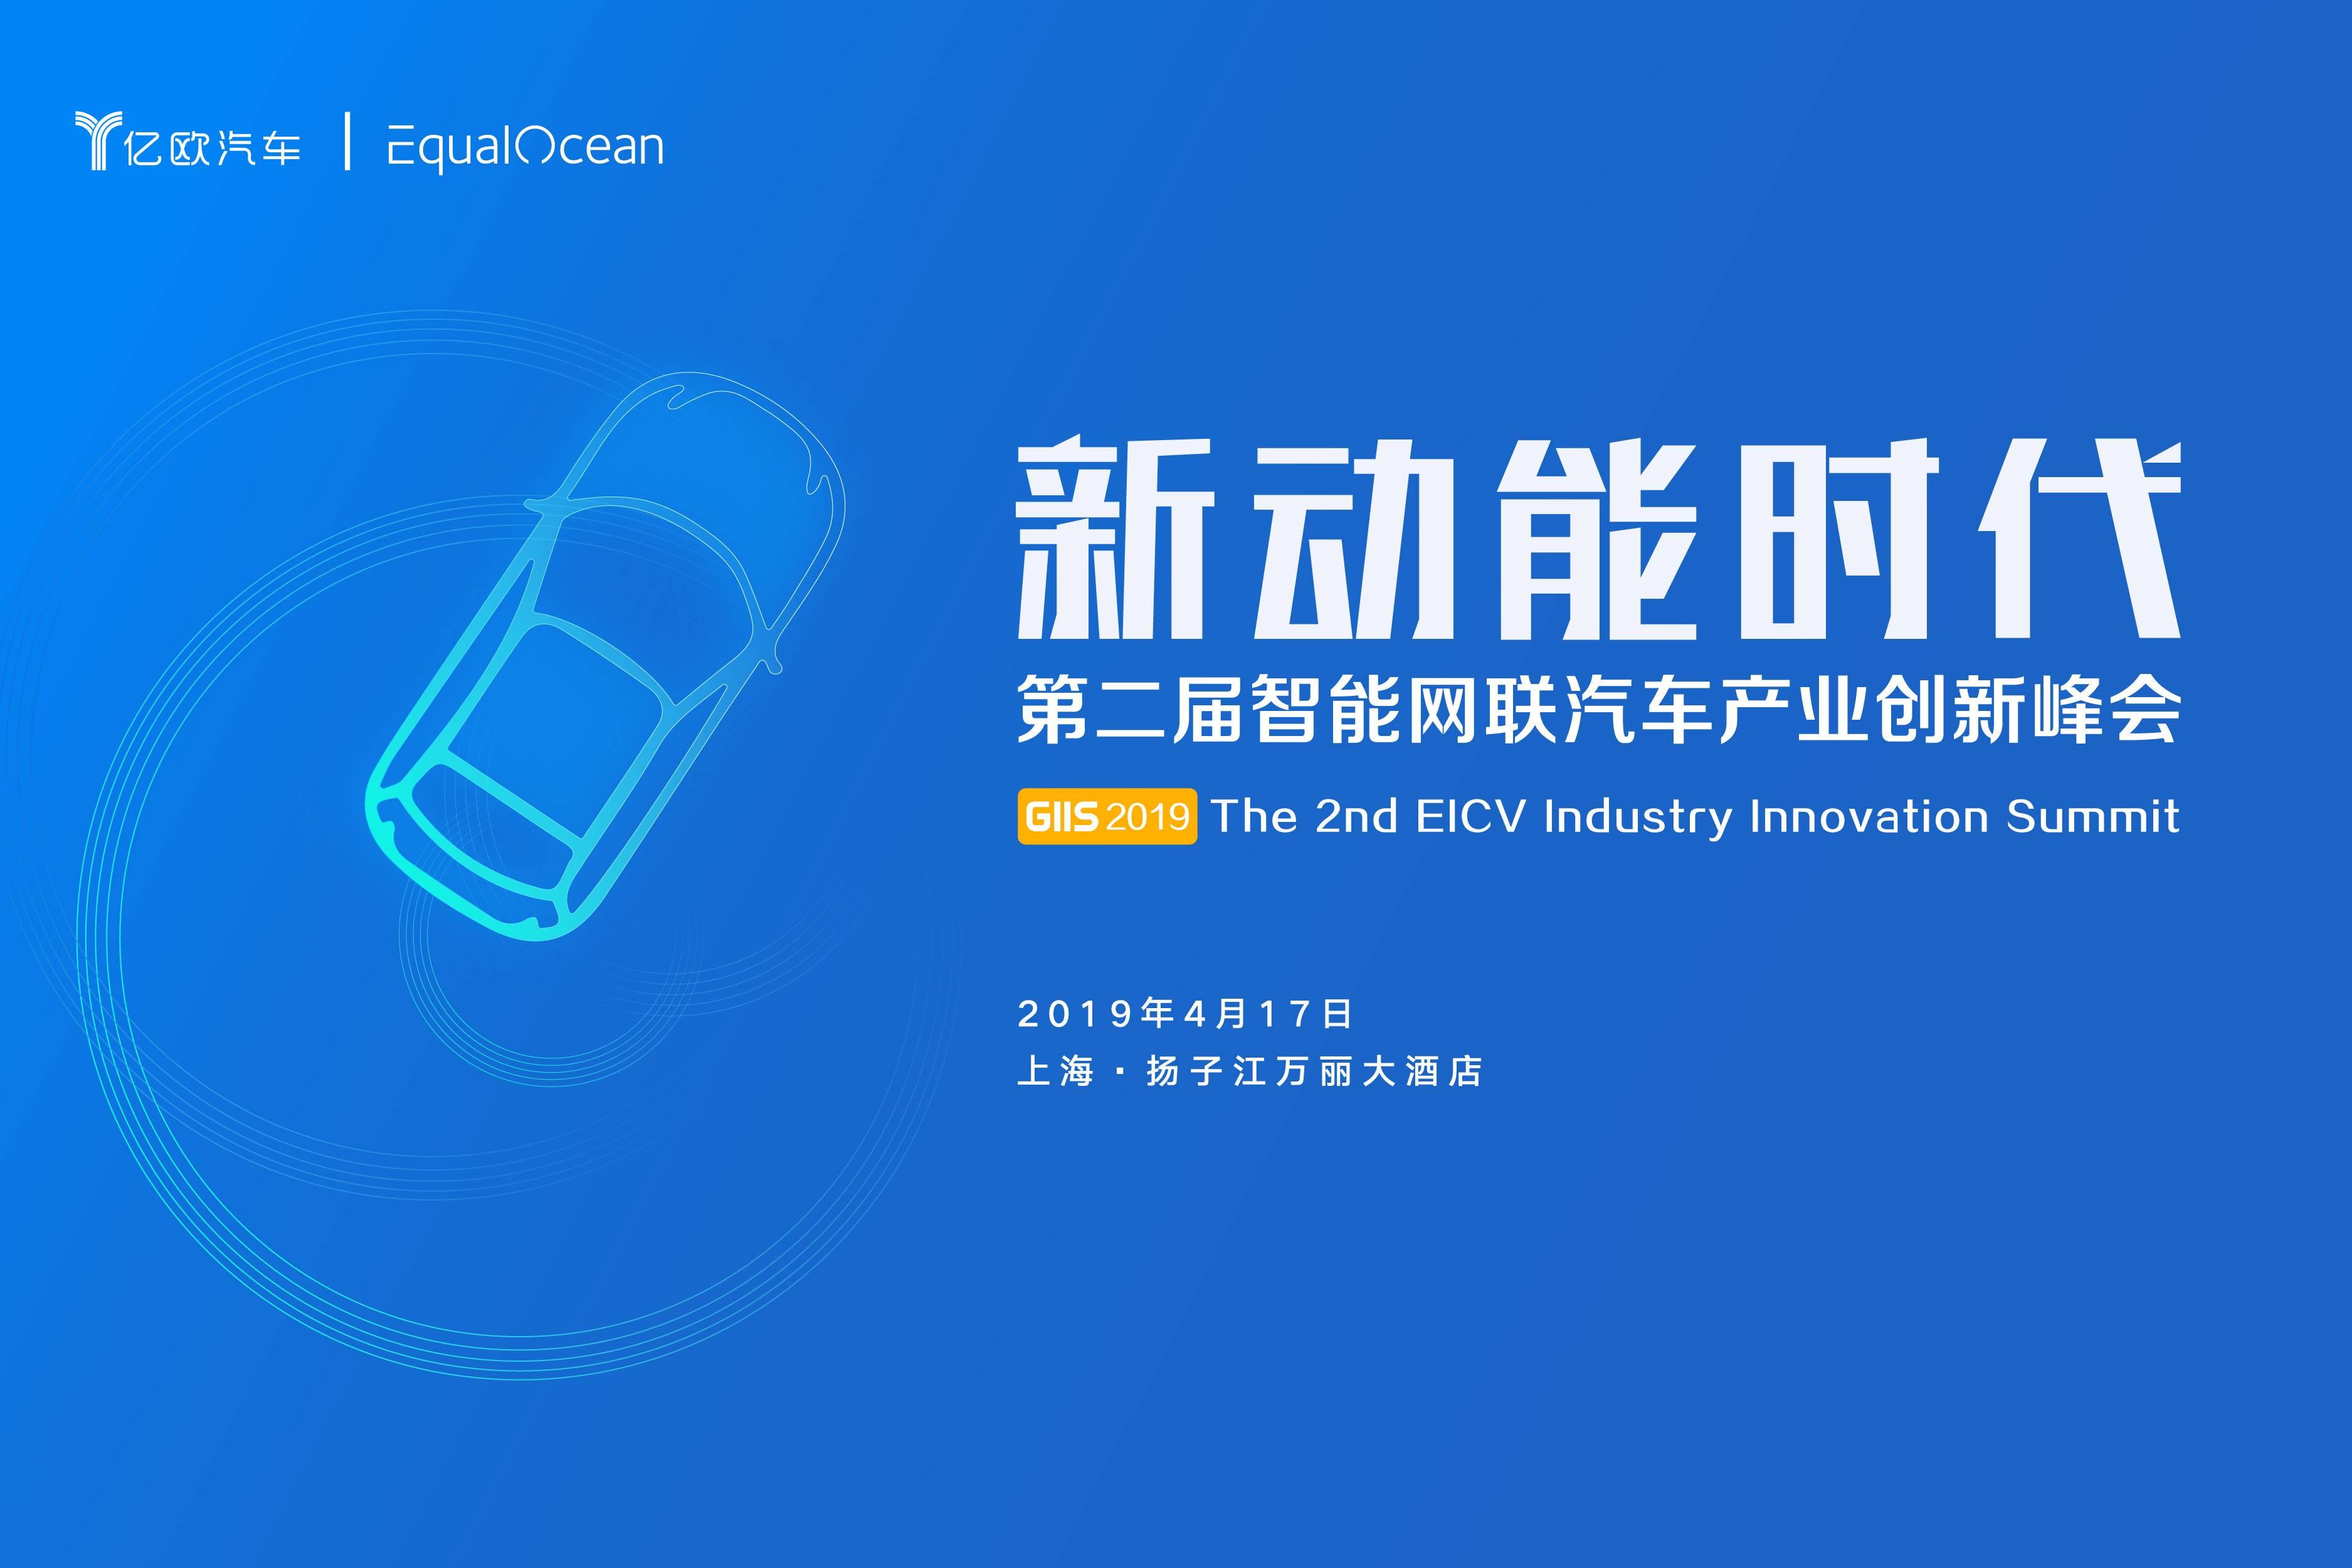 新动能时代·GIIS 2019第二届智能网联汽车产业创新峰会